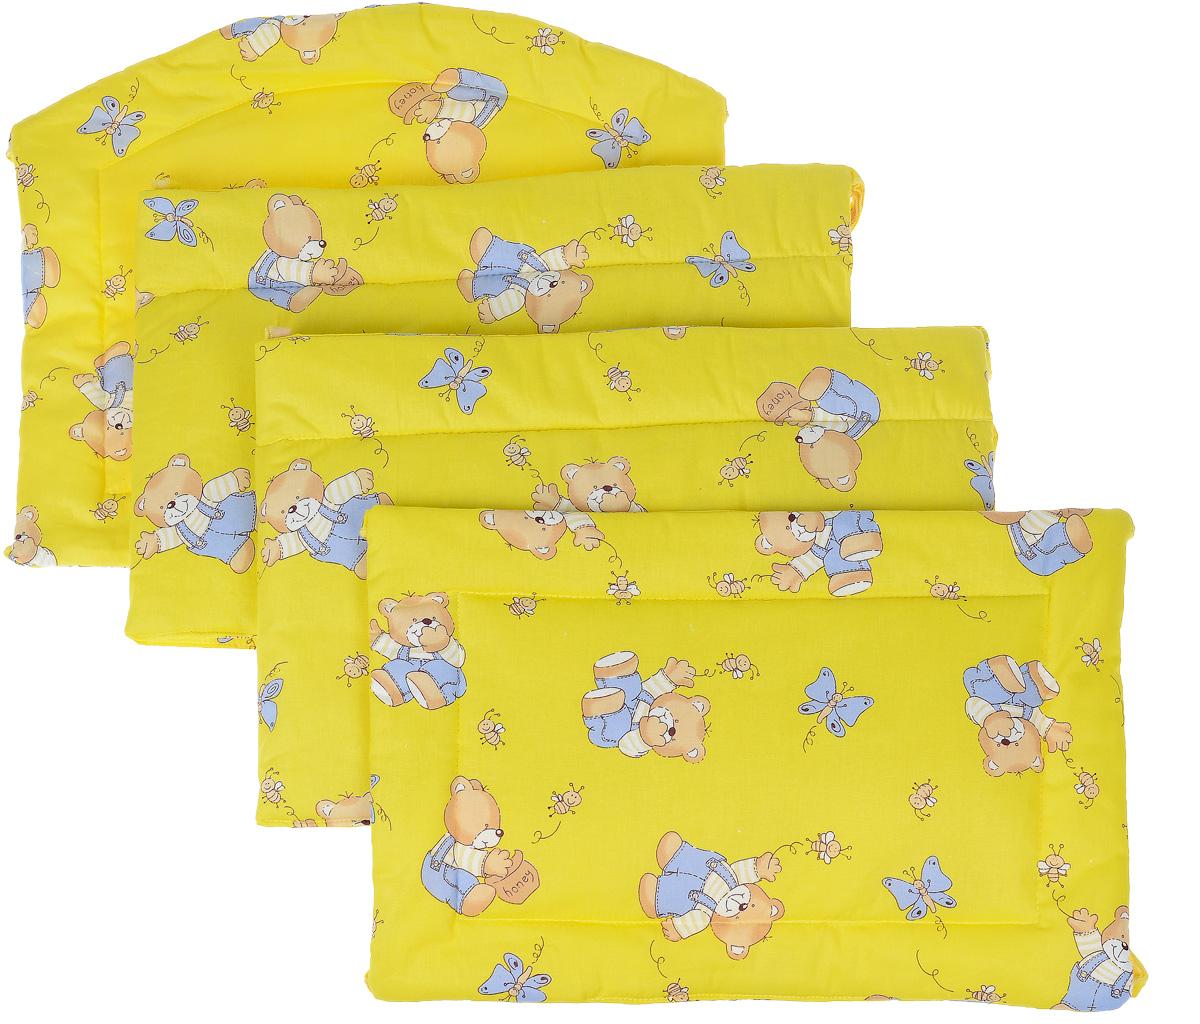 Фея Борт комбинированный 405 Мишка цвет желтый -  Бортики, бамперы